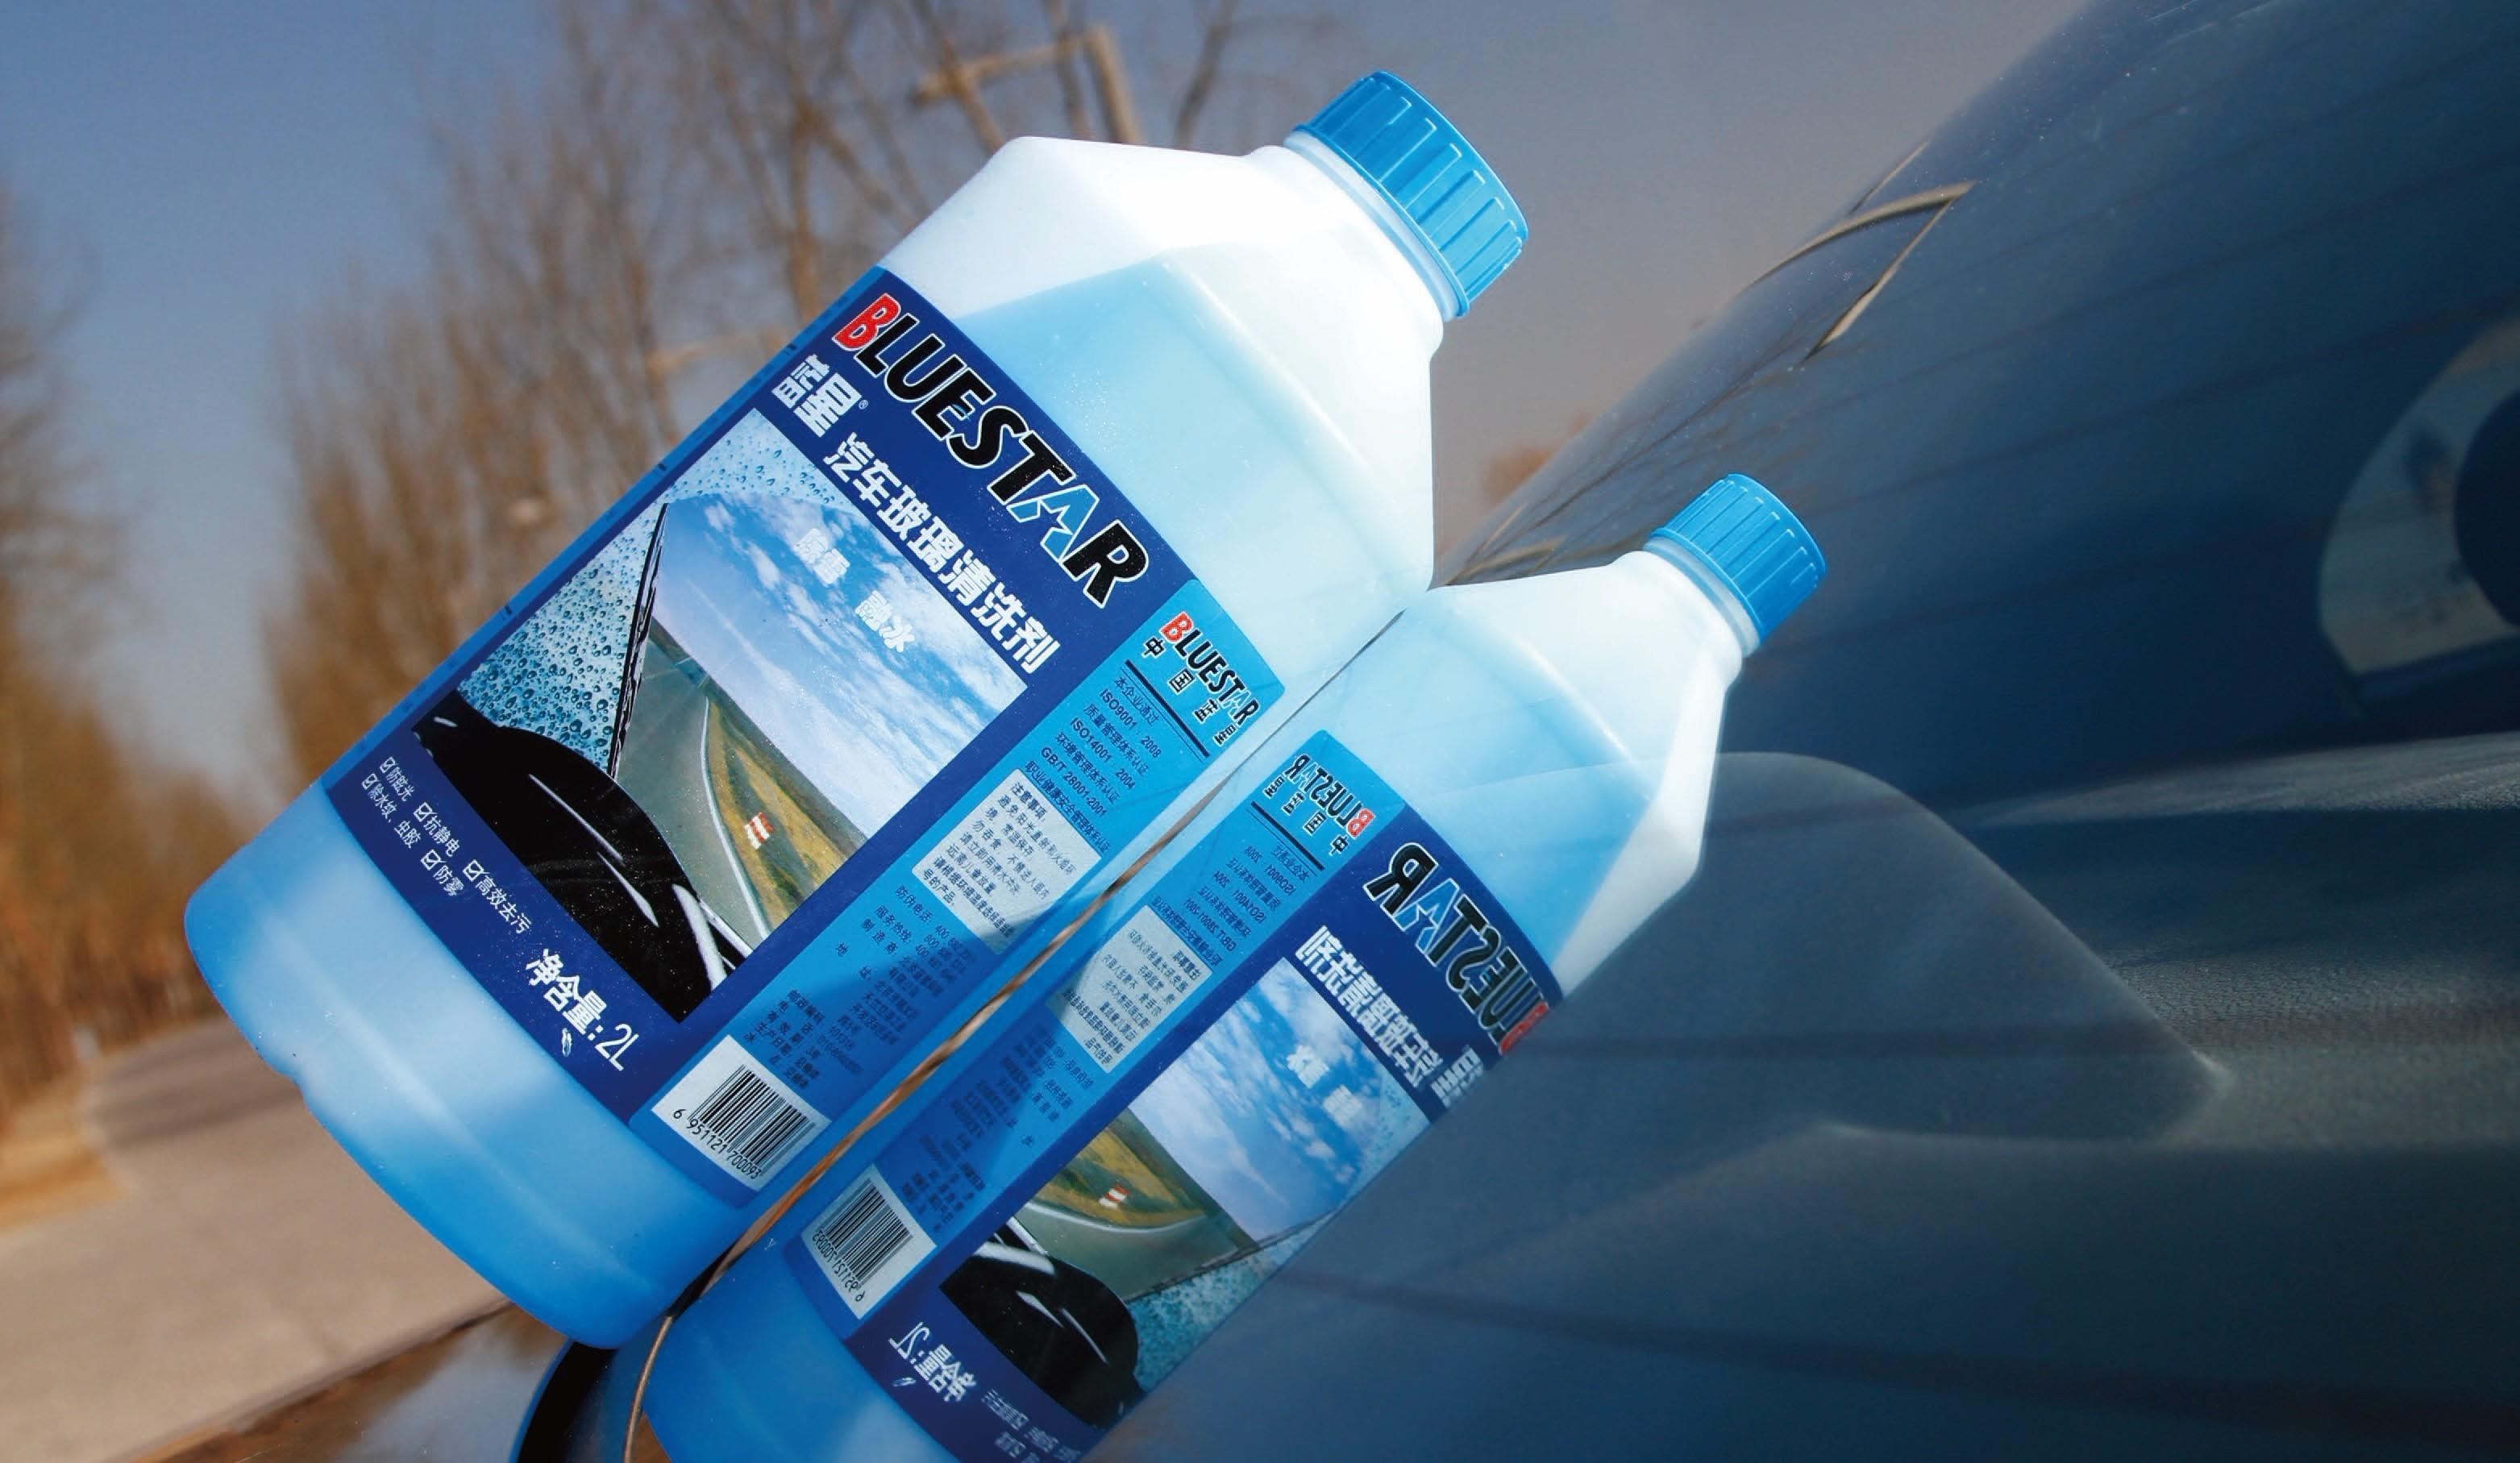 擦拭效果:蓝星汽车玻璃清洗